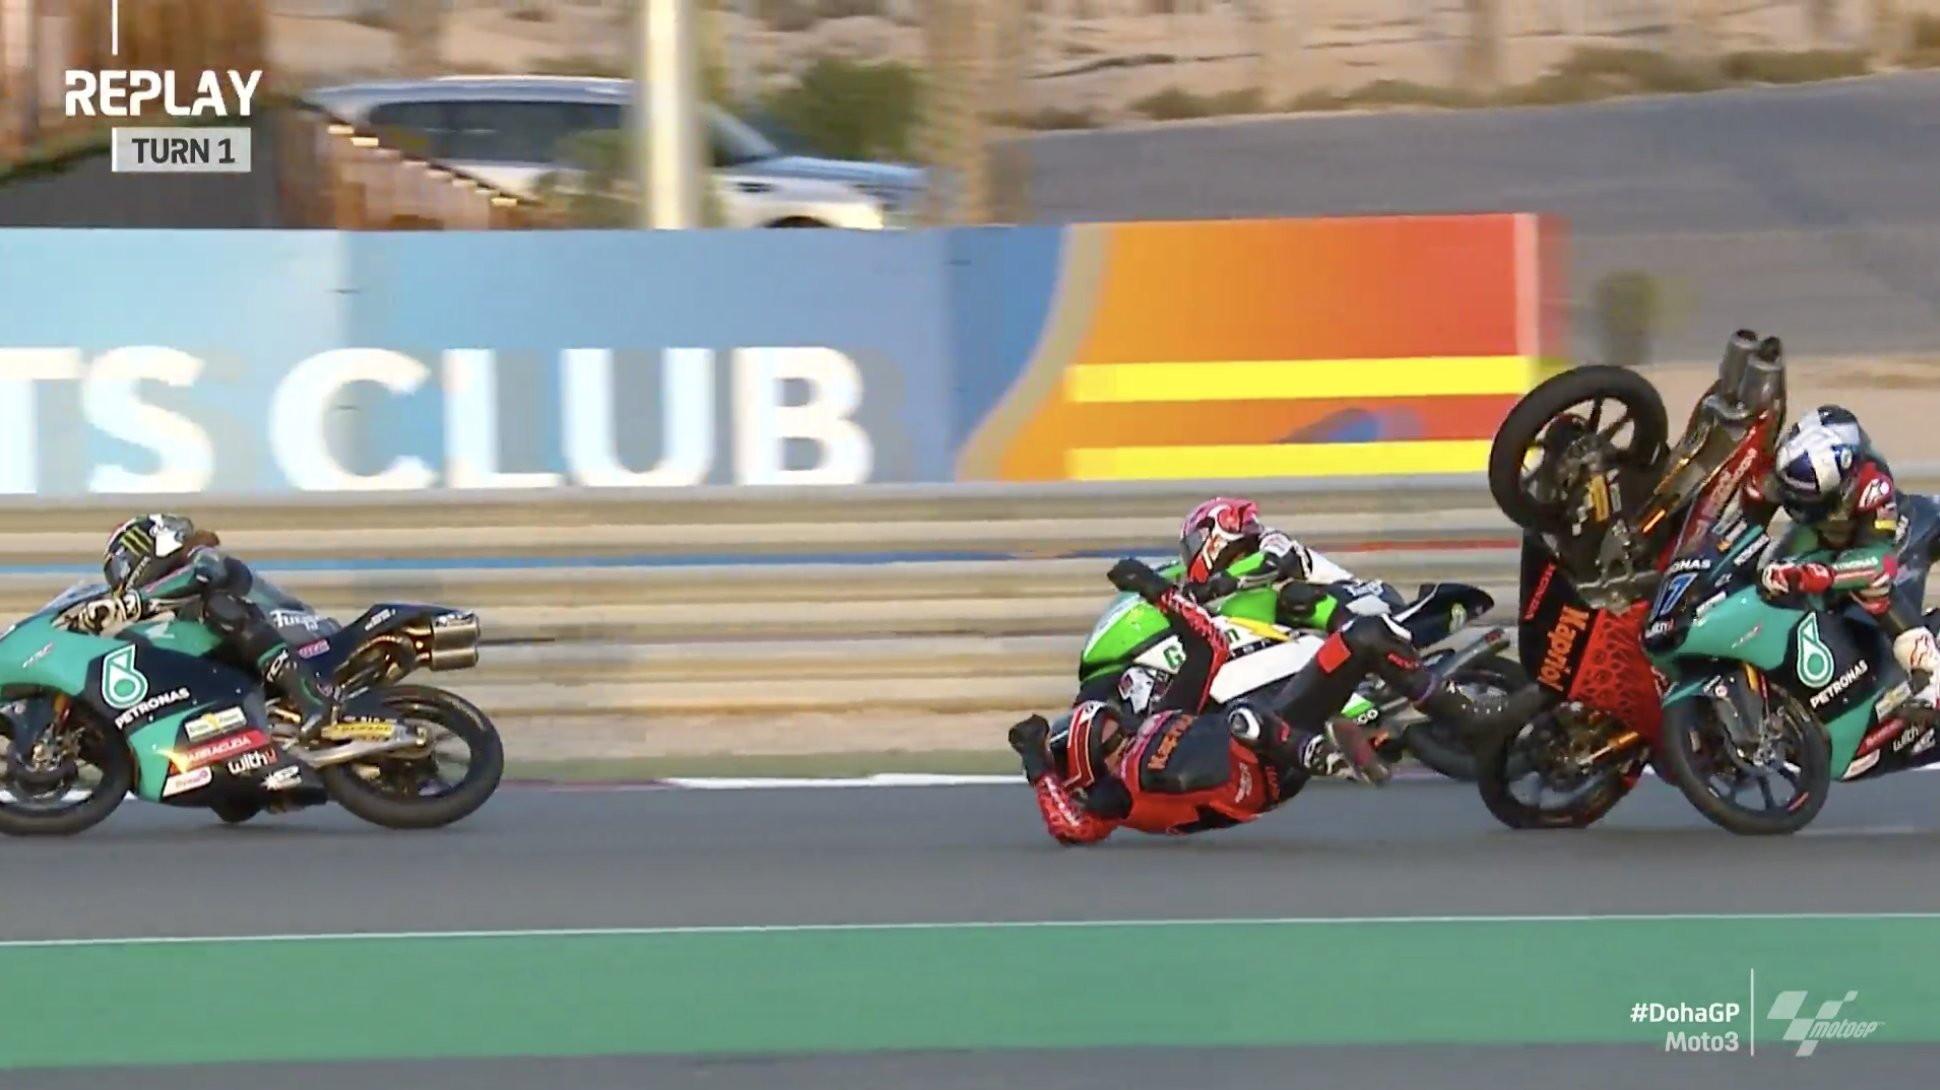 Rissa a bordo pista tra <strong>John McPhee</strong> e <strong>Jeremy Alcoba</strong> a Losail negli ultimi giri del GP di Doha di Moto3. Lo spagnolo, caduto nel gruppone, ha causato il ritiro del britannico che non l&#39;ha presa bene. Una volta rialzatosi dopo lo scivolone, McPhee ha puntato il collega colpendolo a calci e pugni, solo l&#39;intervento degli steward ha placato gli animi accesissimi tra i due.<br /><br />